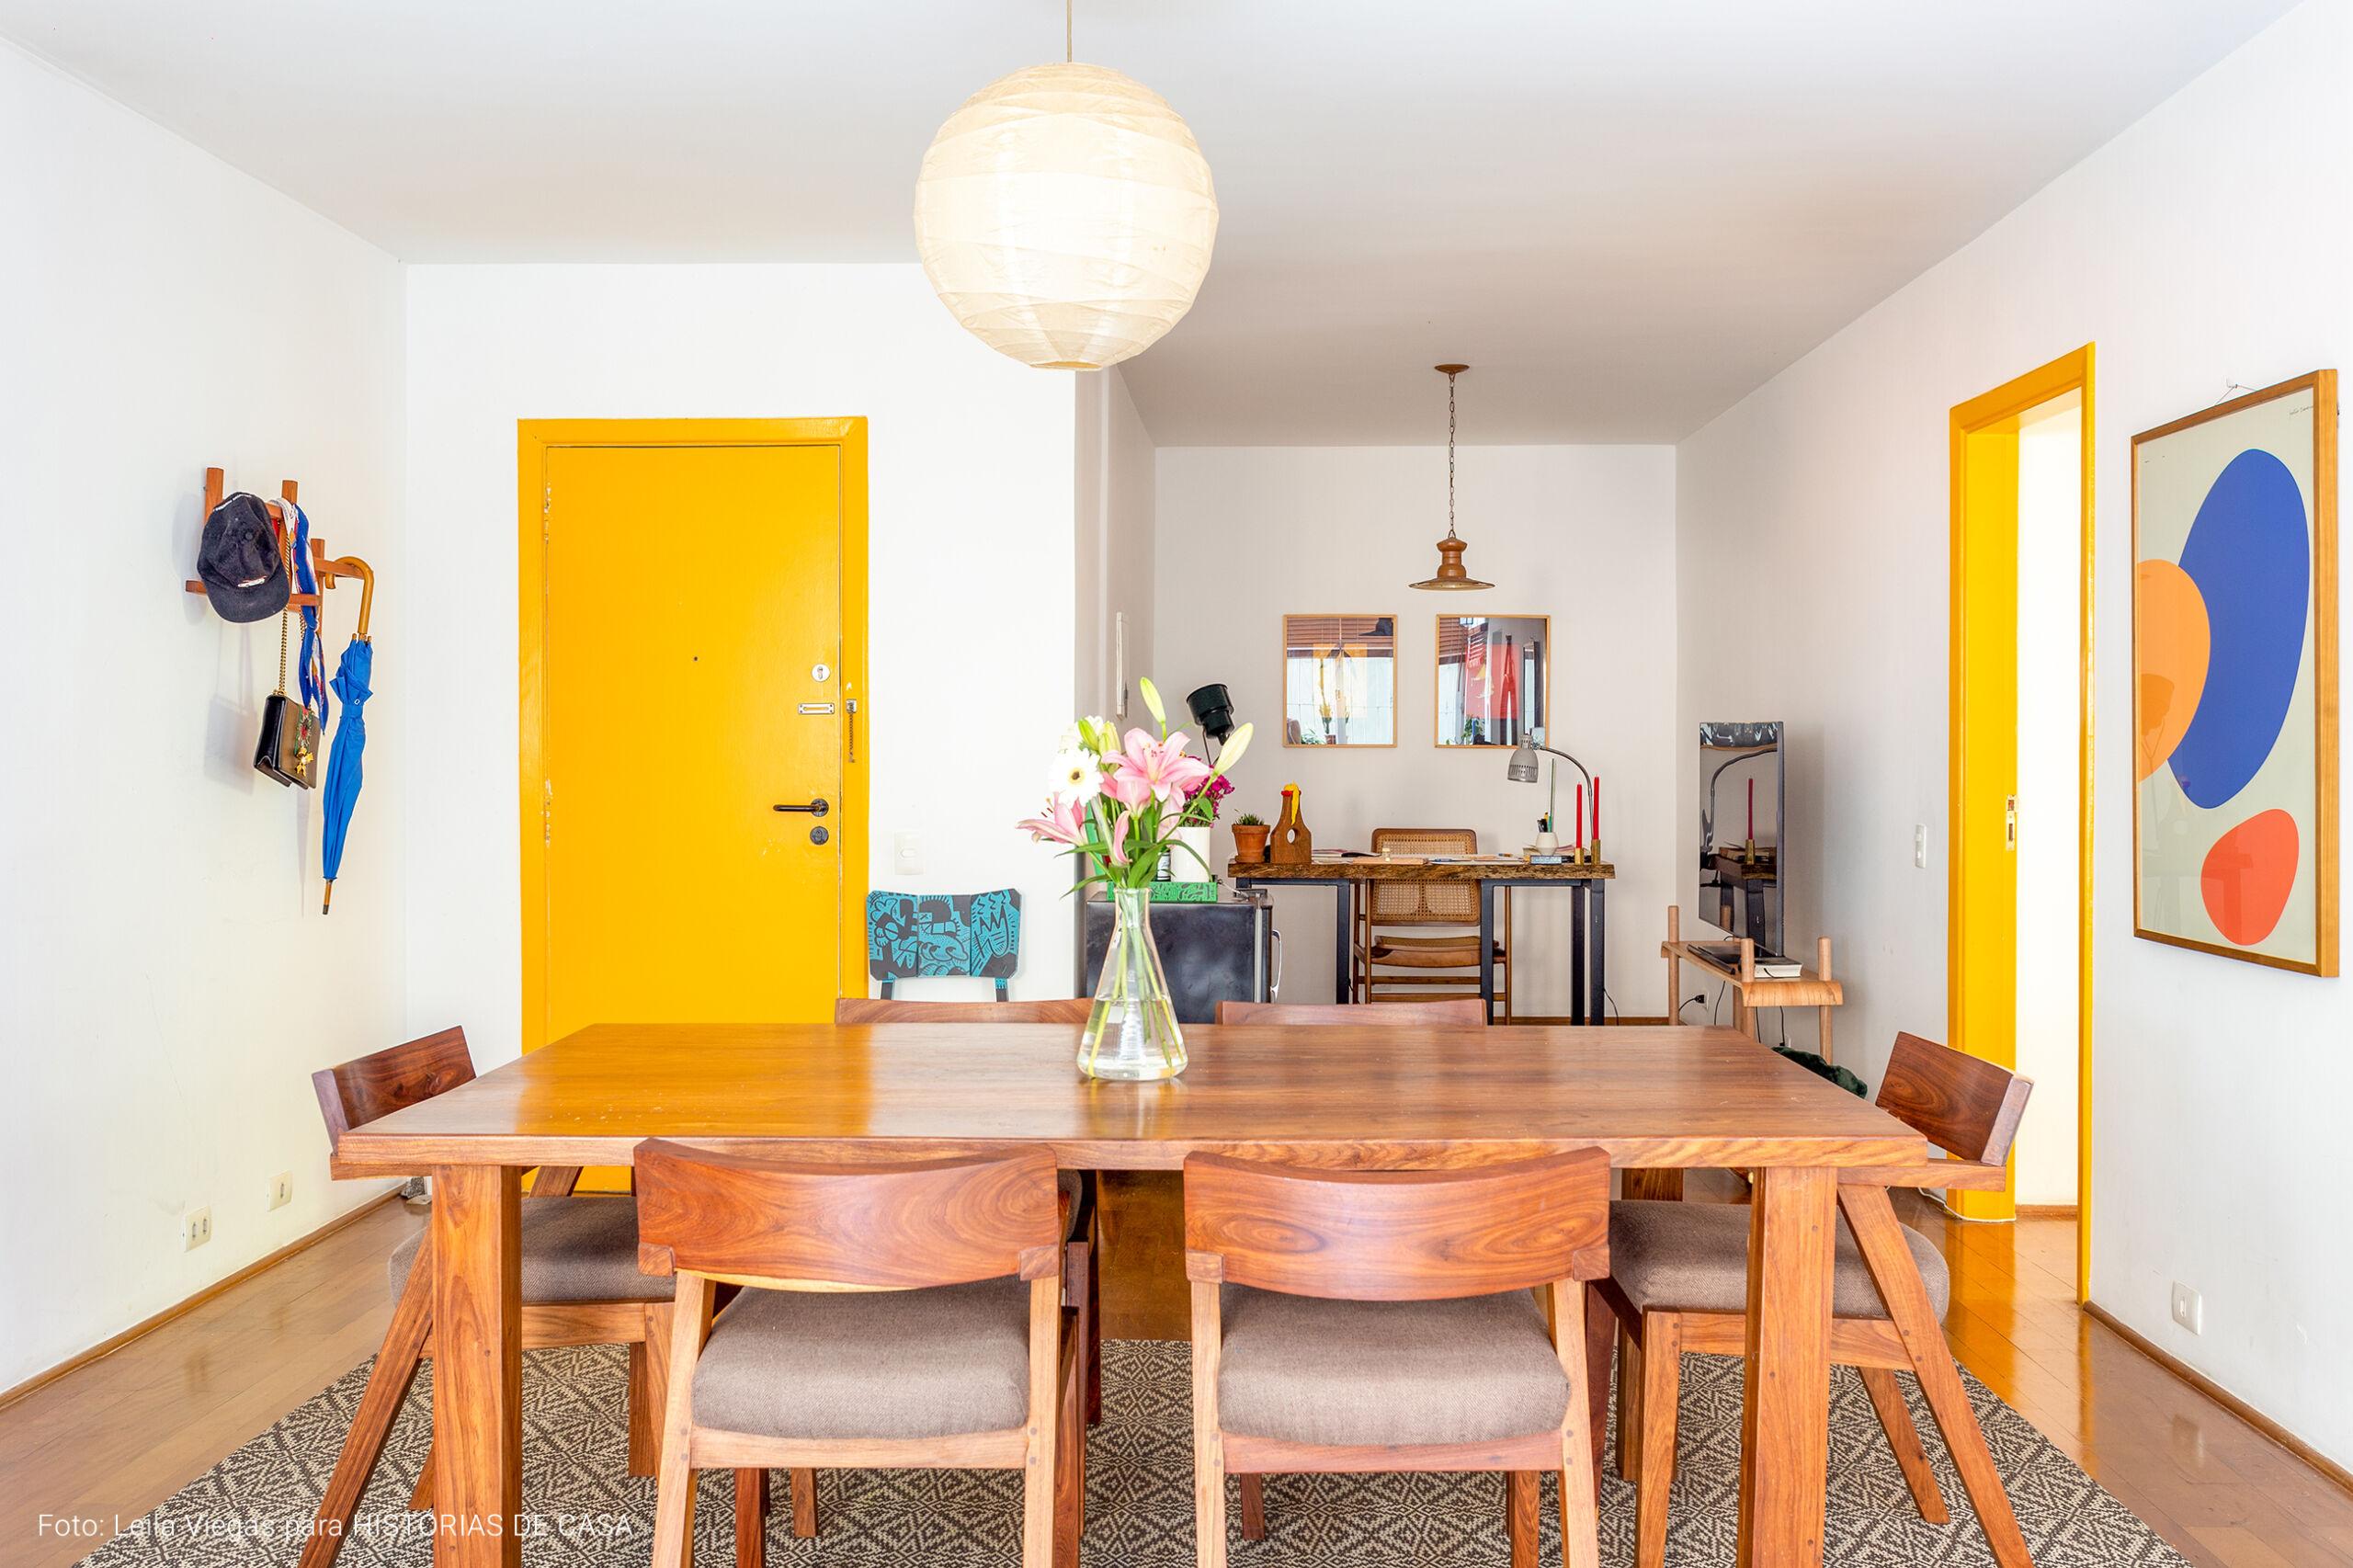 Apartamento com claraboia e decoração aconhegante com plantas e madeira